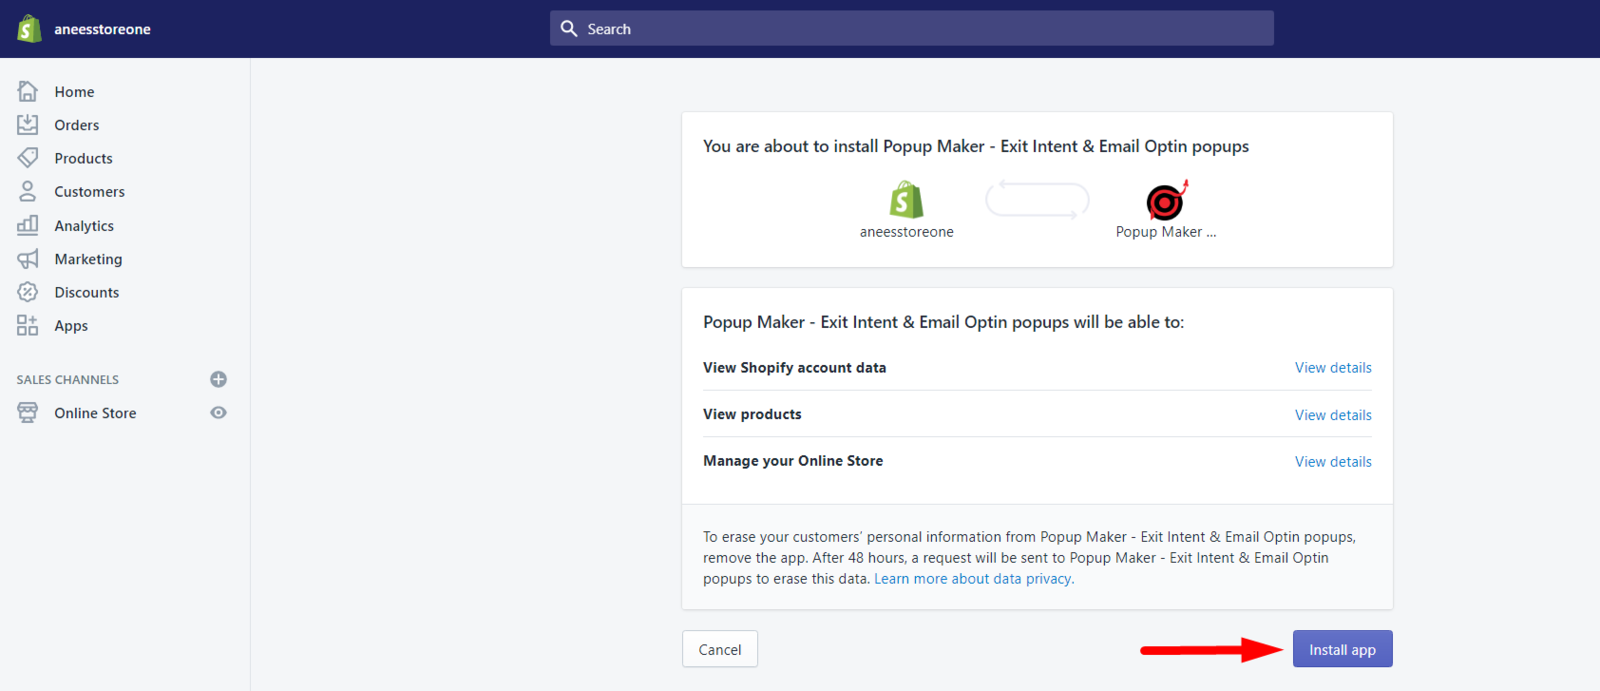 Popup Maker install app